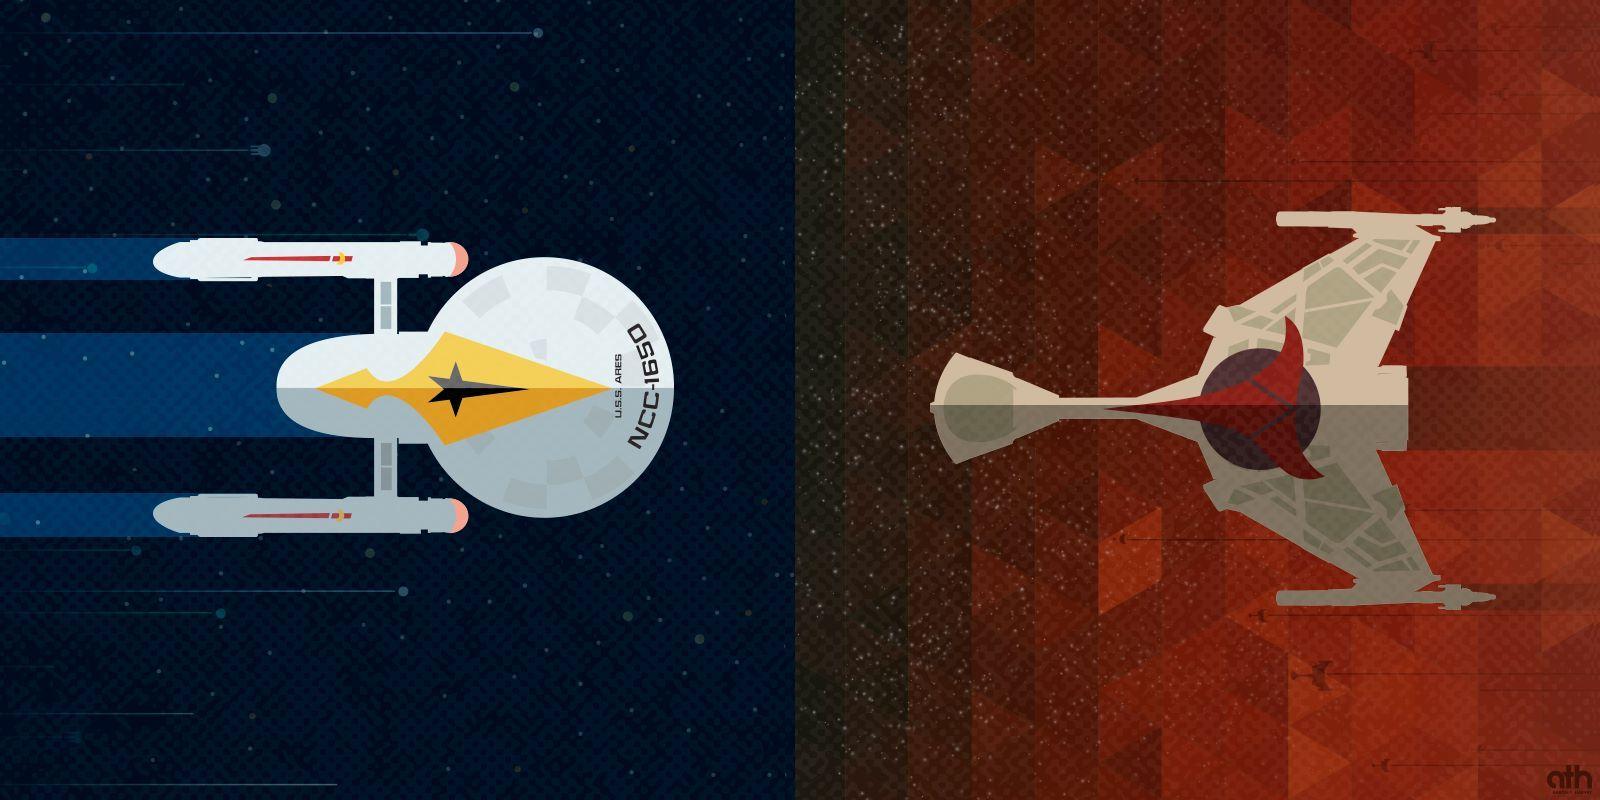 star trek axanar ships - Google Search